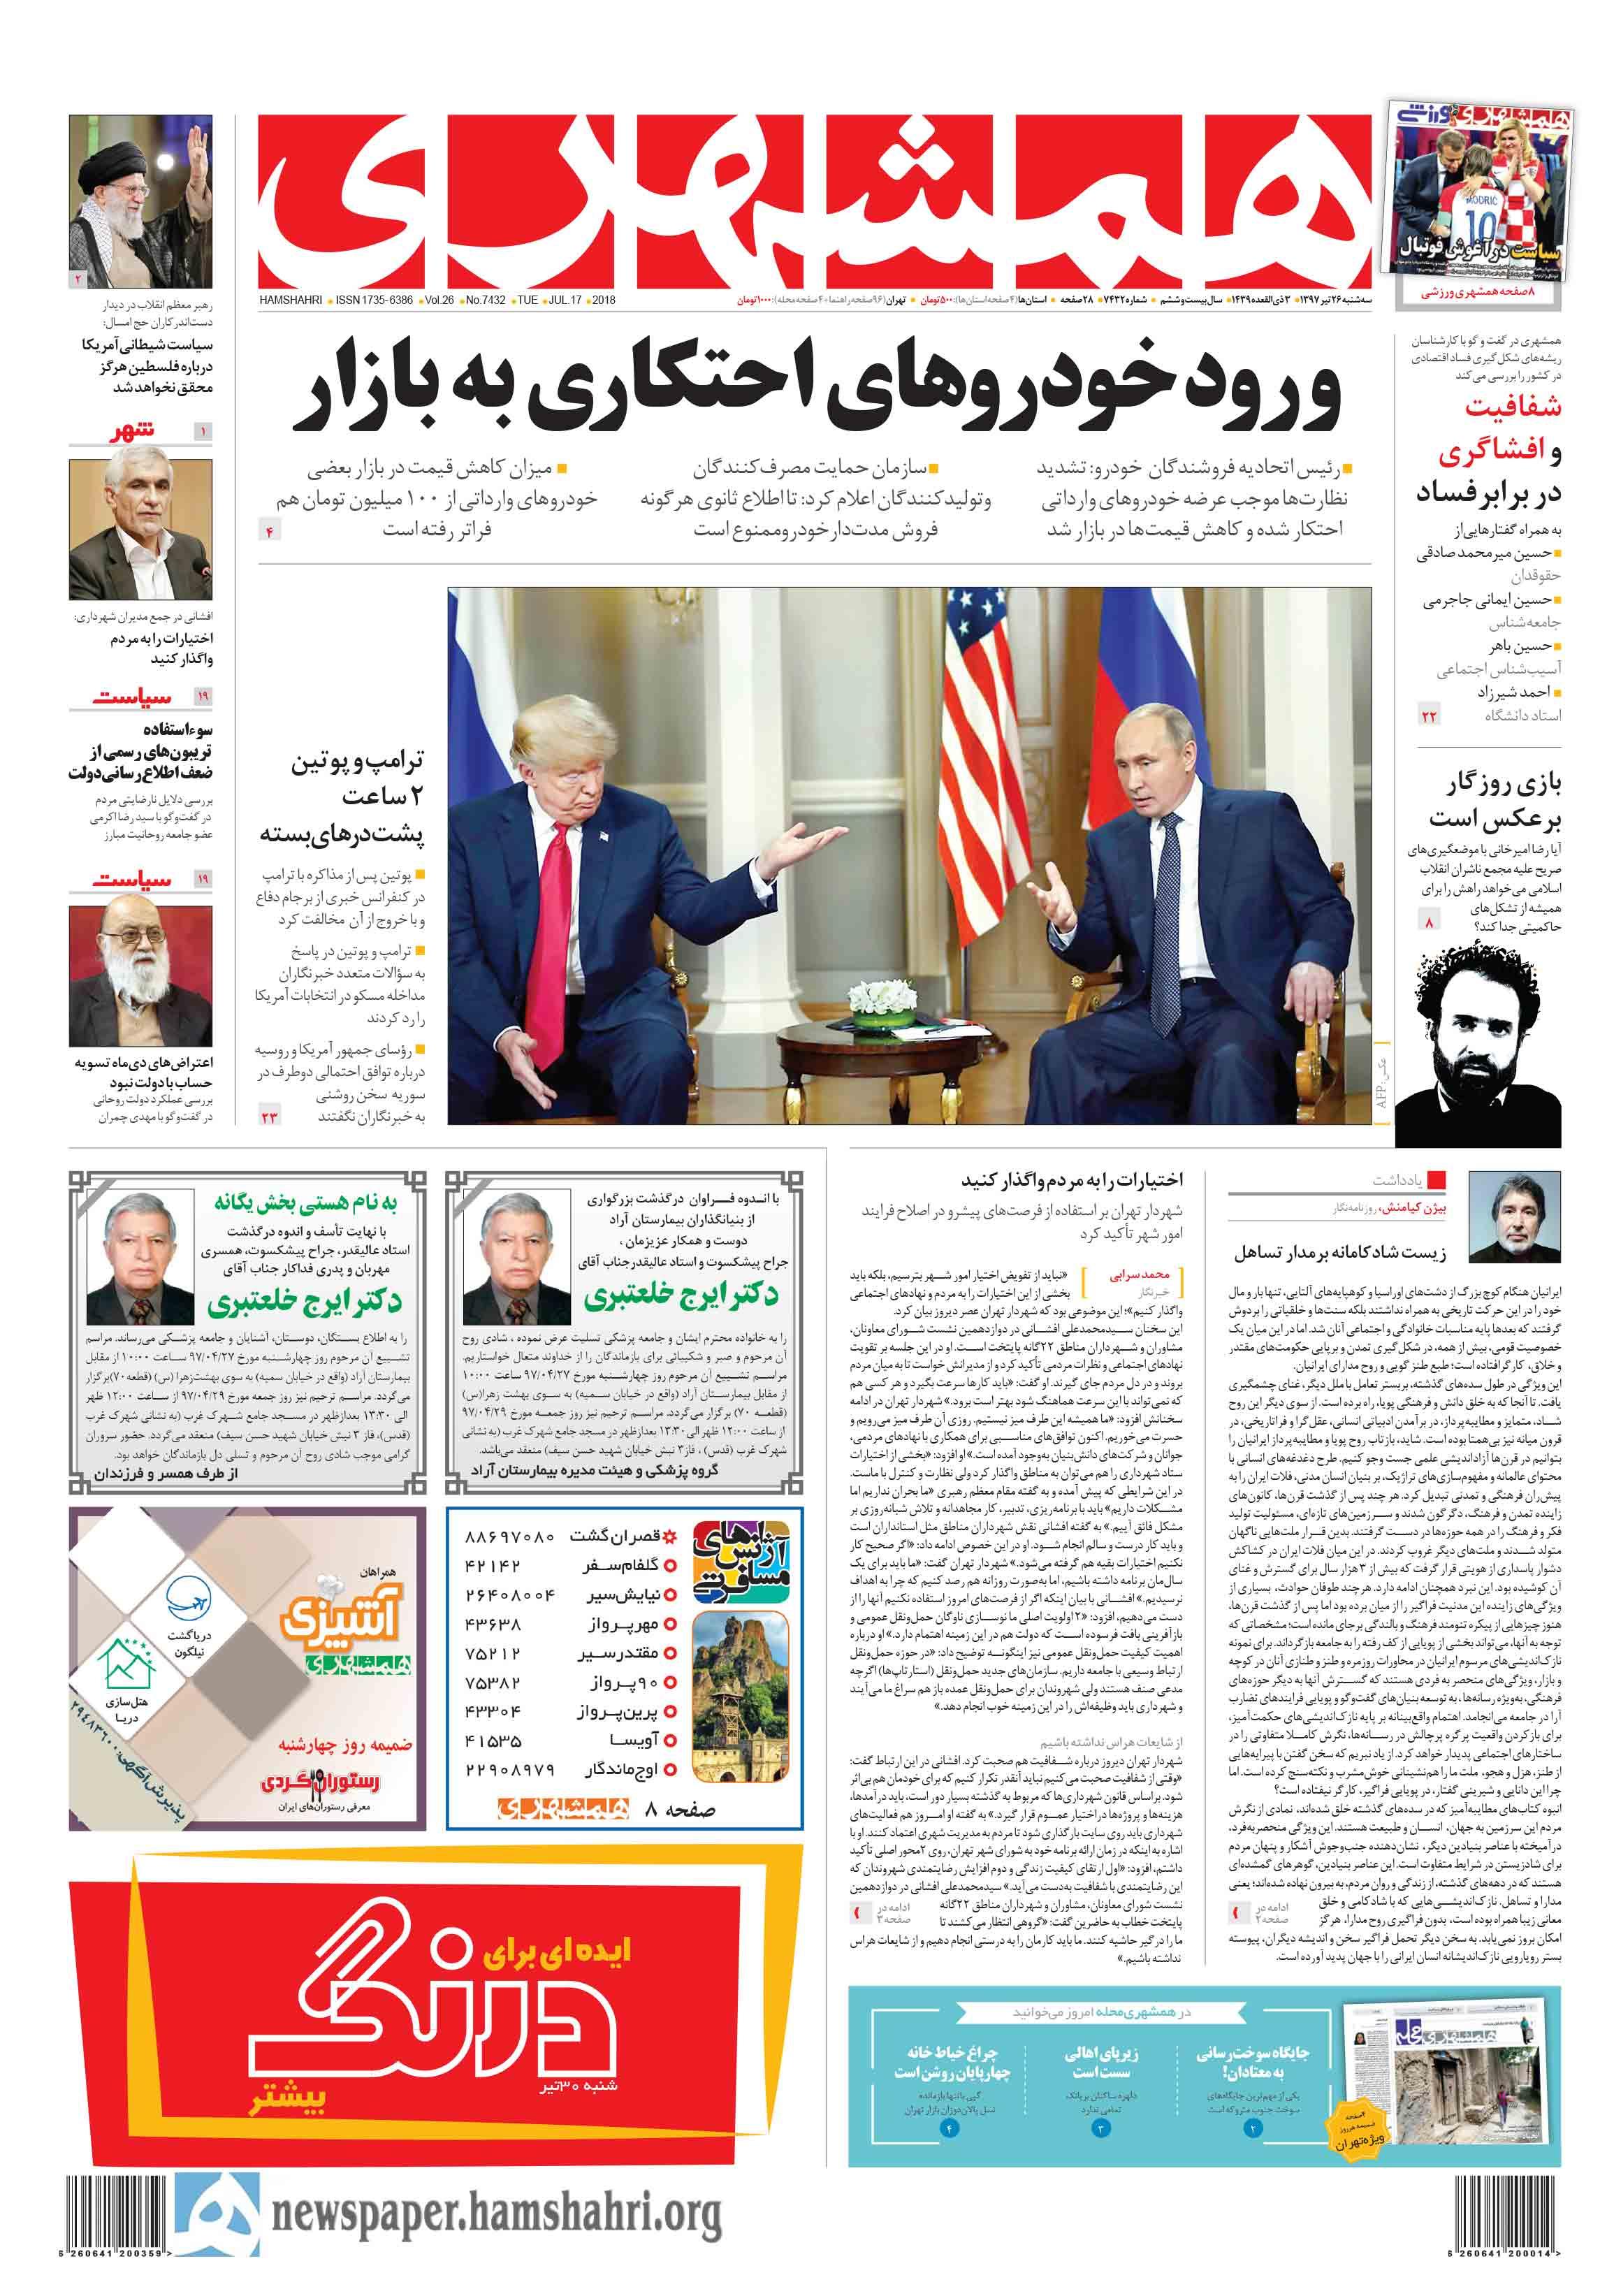 صفحه اول سهشنبه 26 تیر 1397